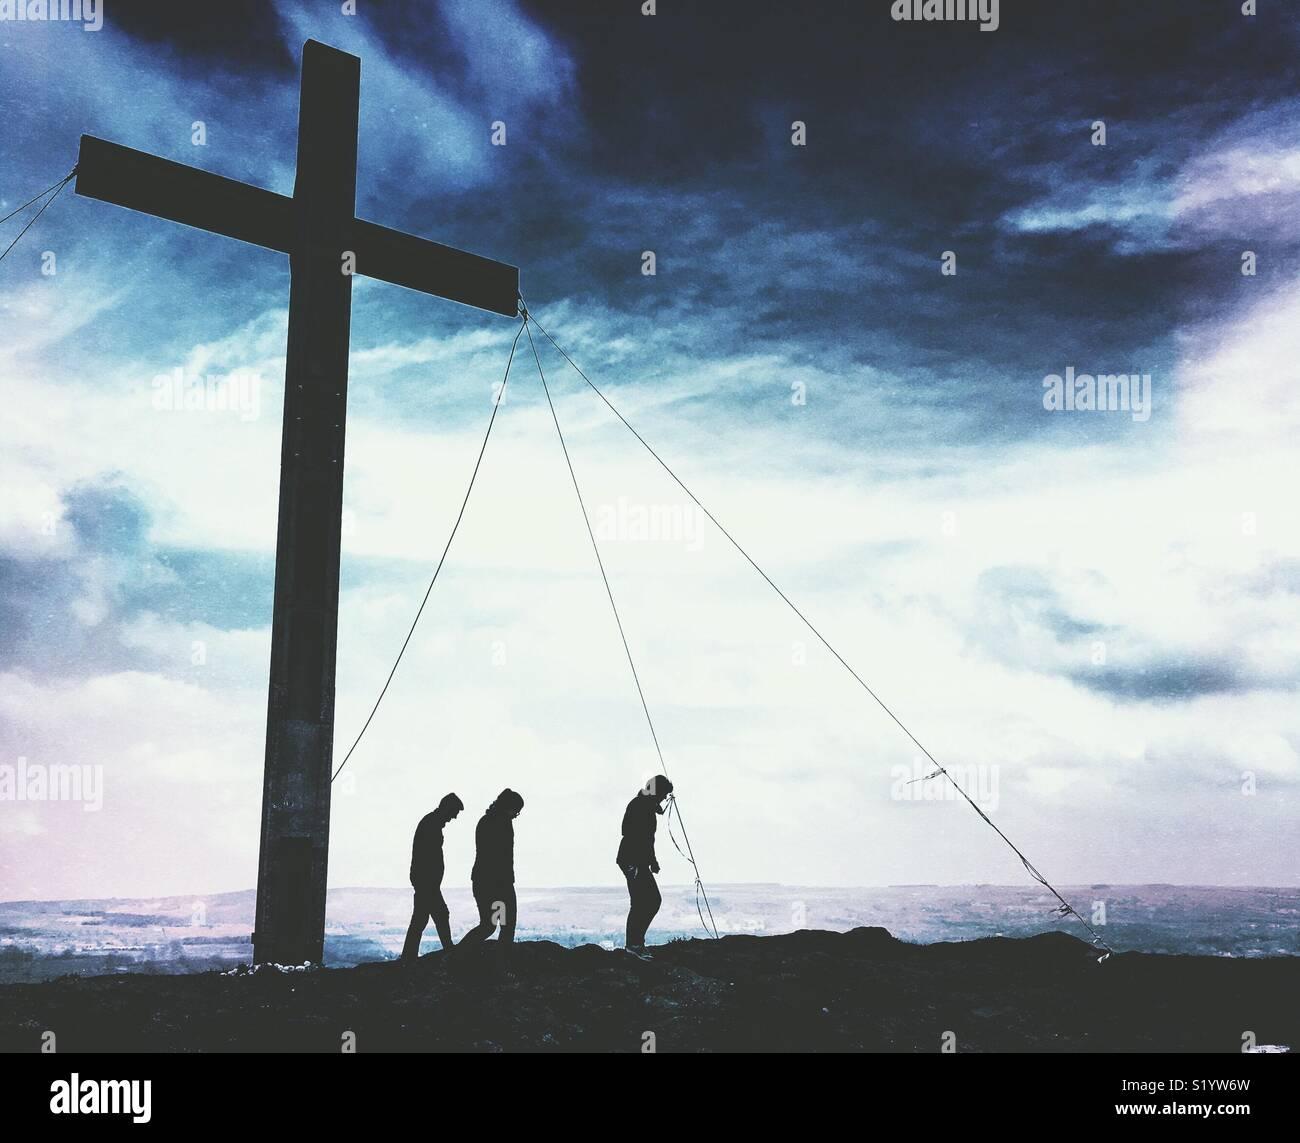 Silhouette de peuple se tenait debout près d'une grande croix de Pâques Photo Stock